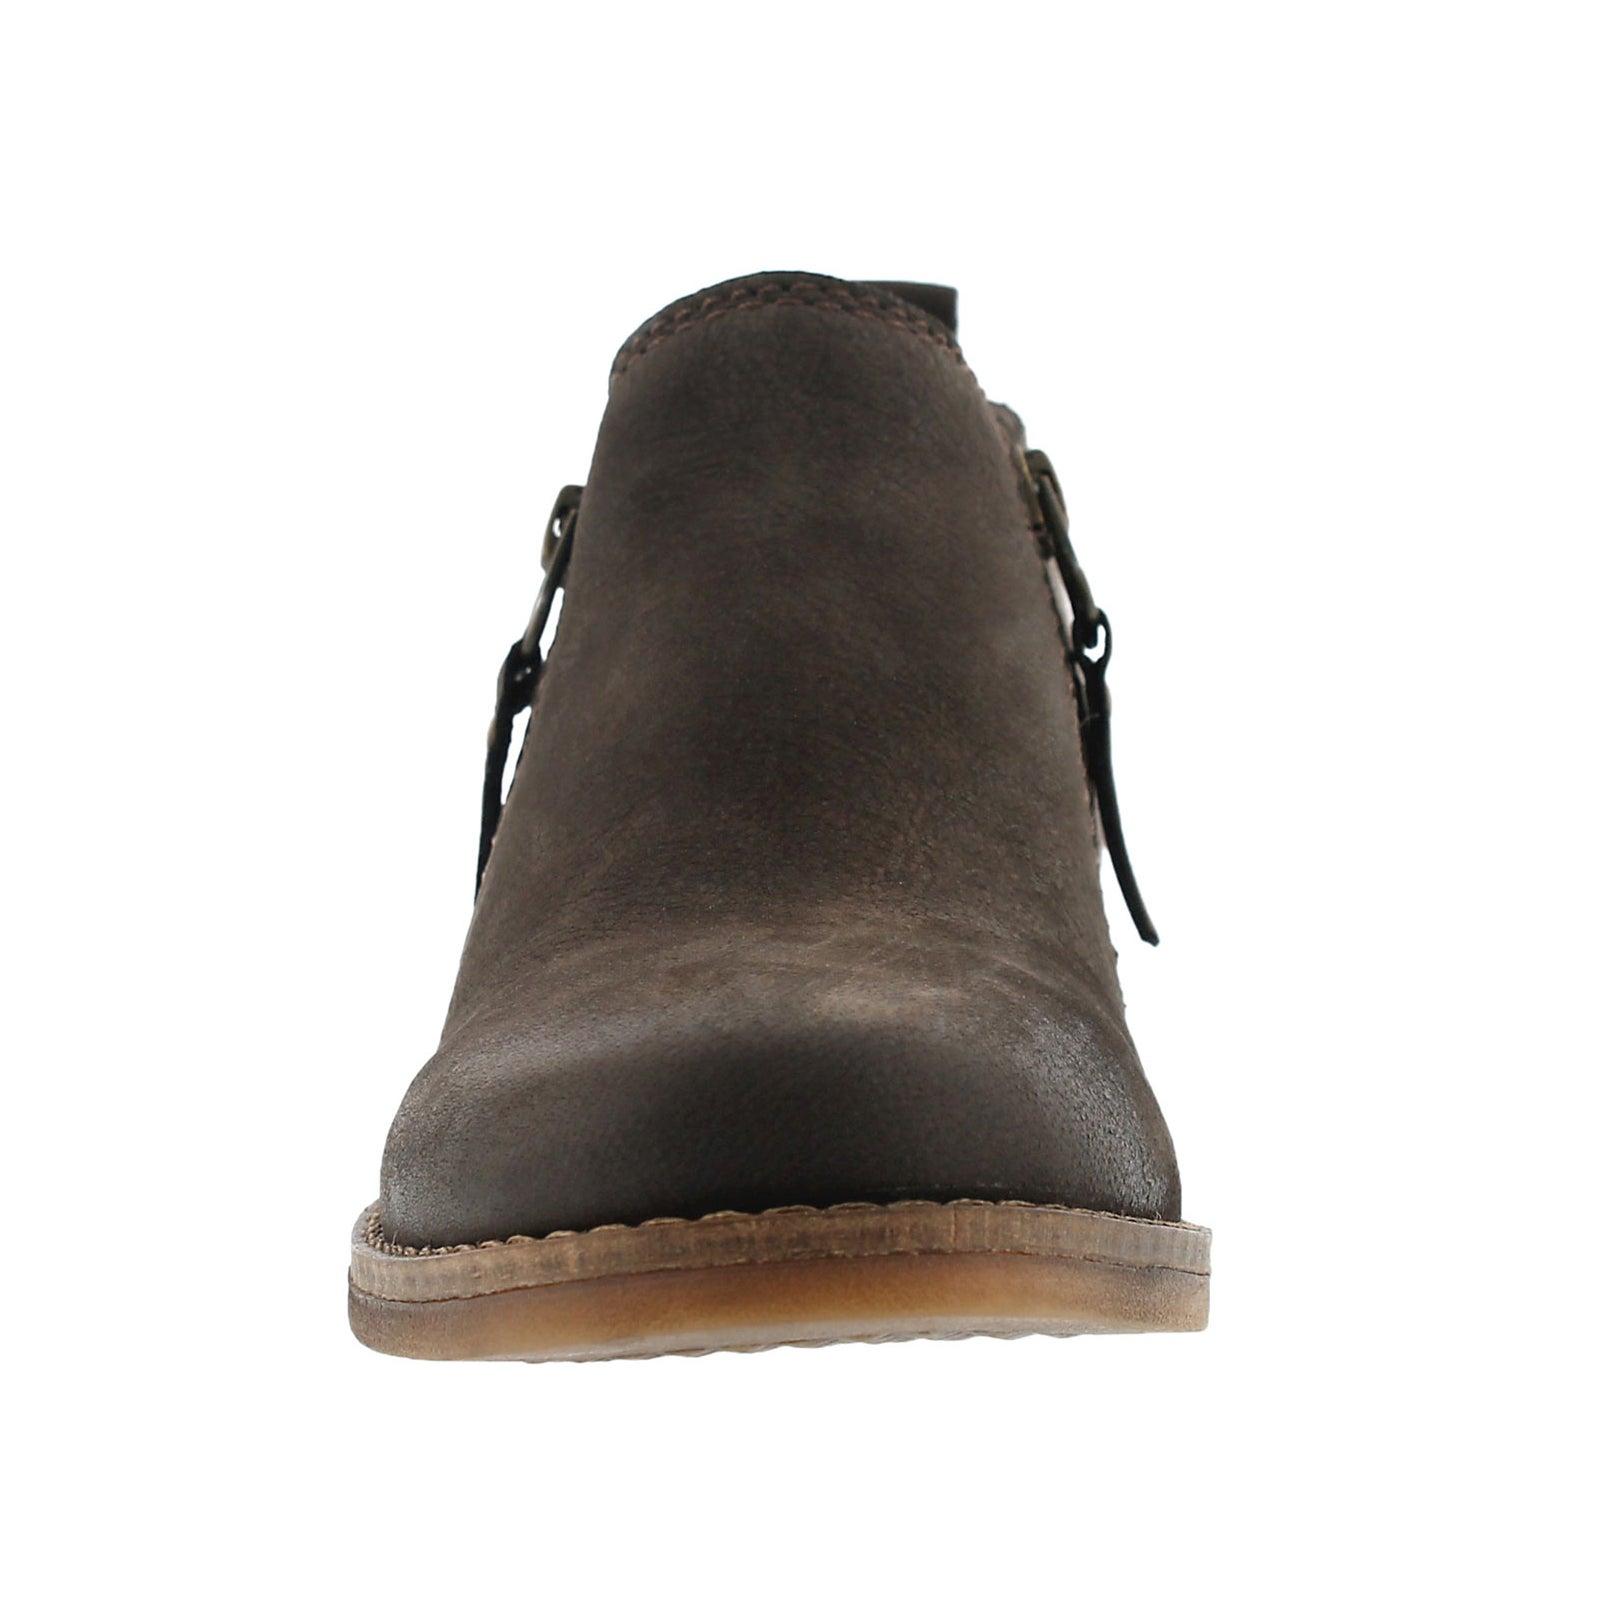 Lds Mazin Cayto dkbrn zip up casual boot